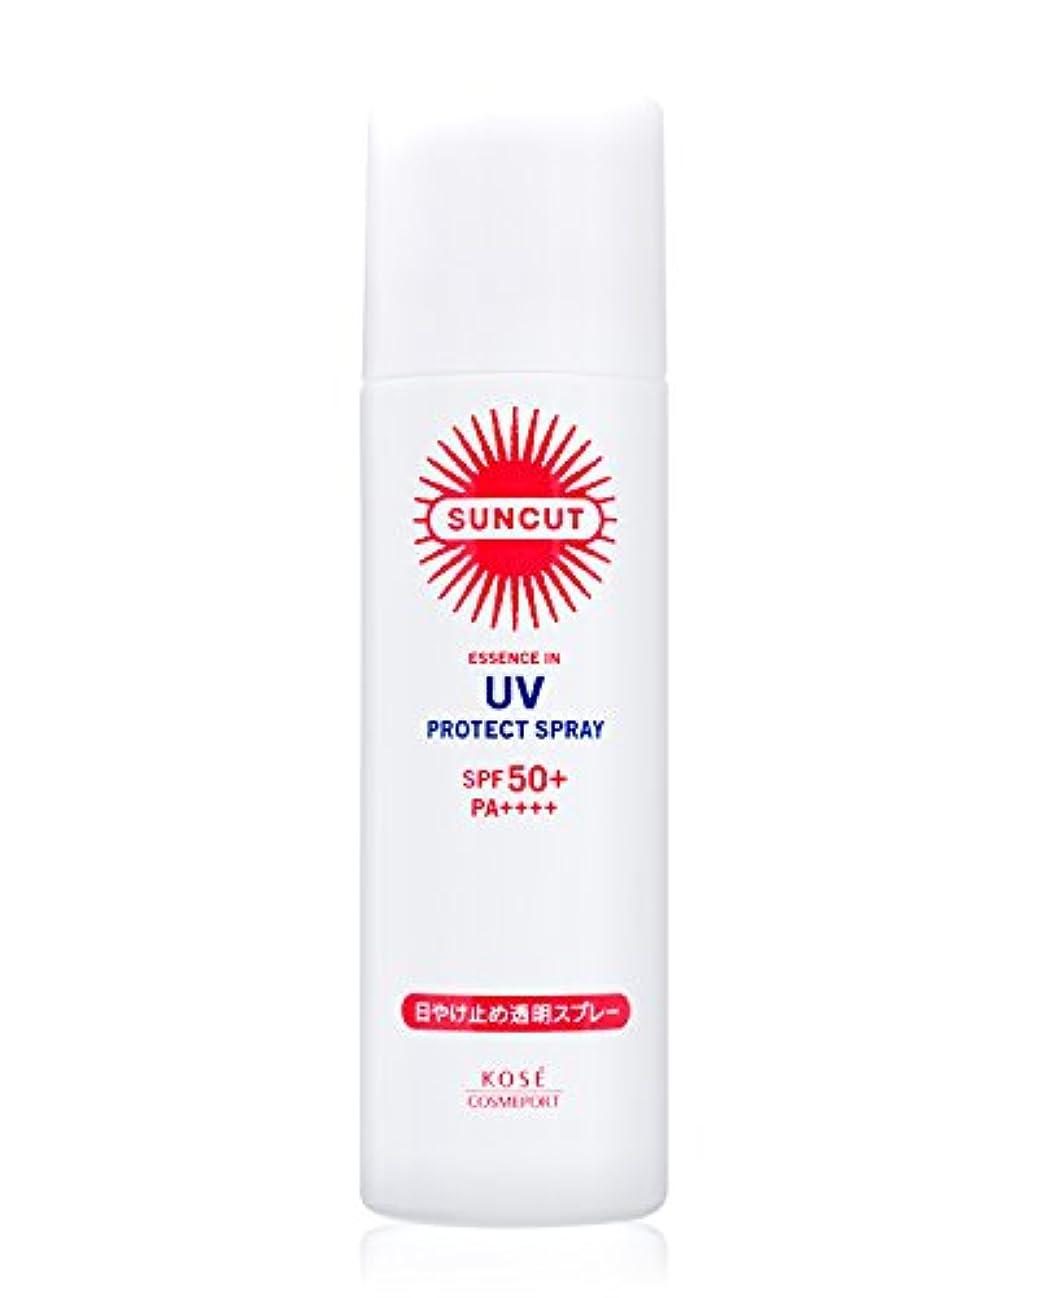 フィクションゴールデン寝室を掃除するKOSE サンカット 日やけ止め透明スプレー 無香料 SPF50+ PA++++ 50g